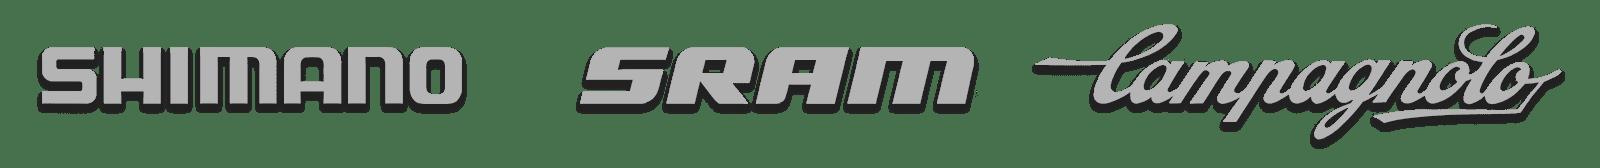 Shimano SRAM Campagnolo afmontage